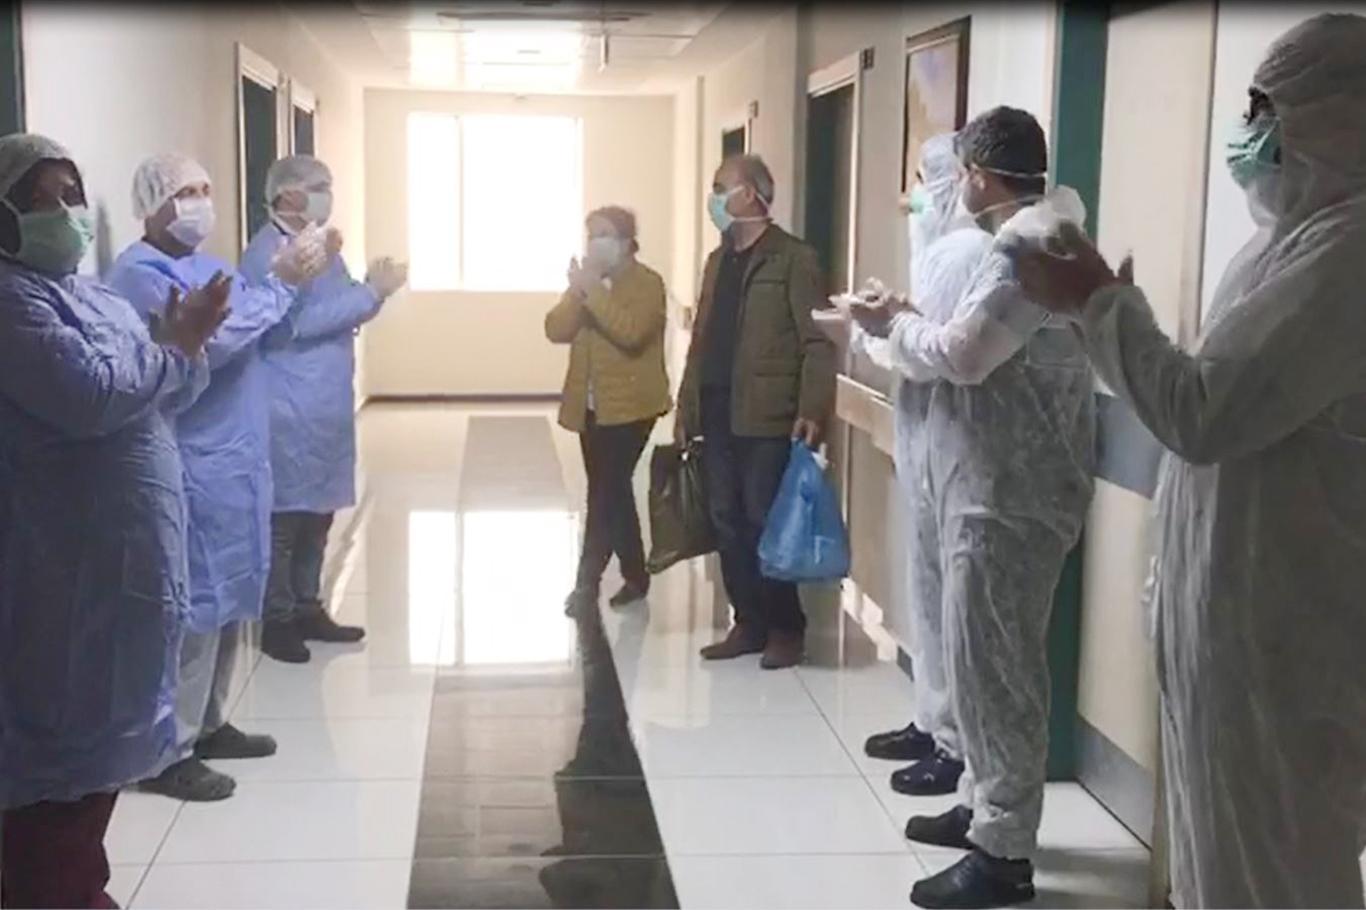 Mardin'de korona virüsü yenen çift alkışlarla taburcu edildi